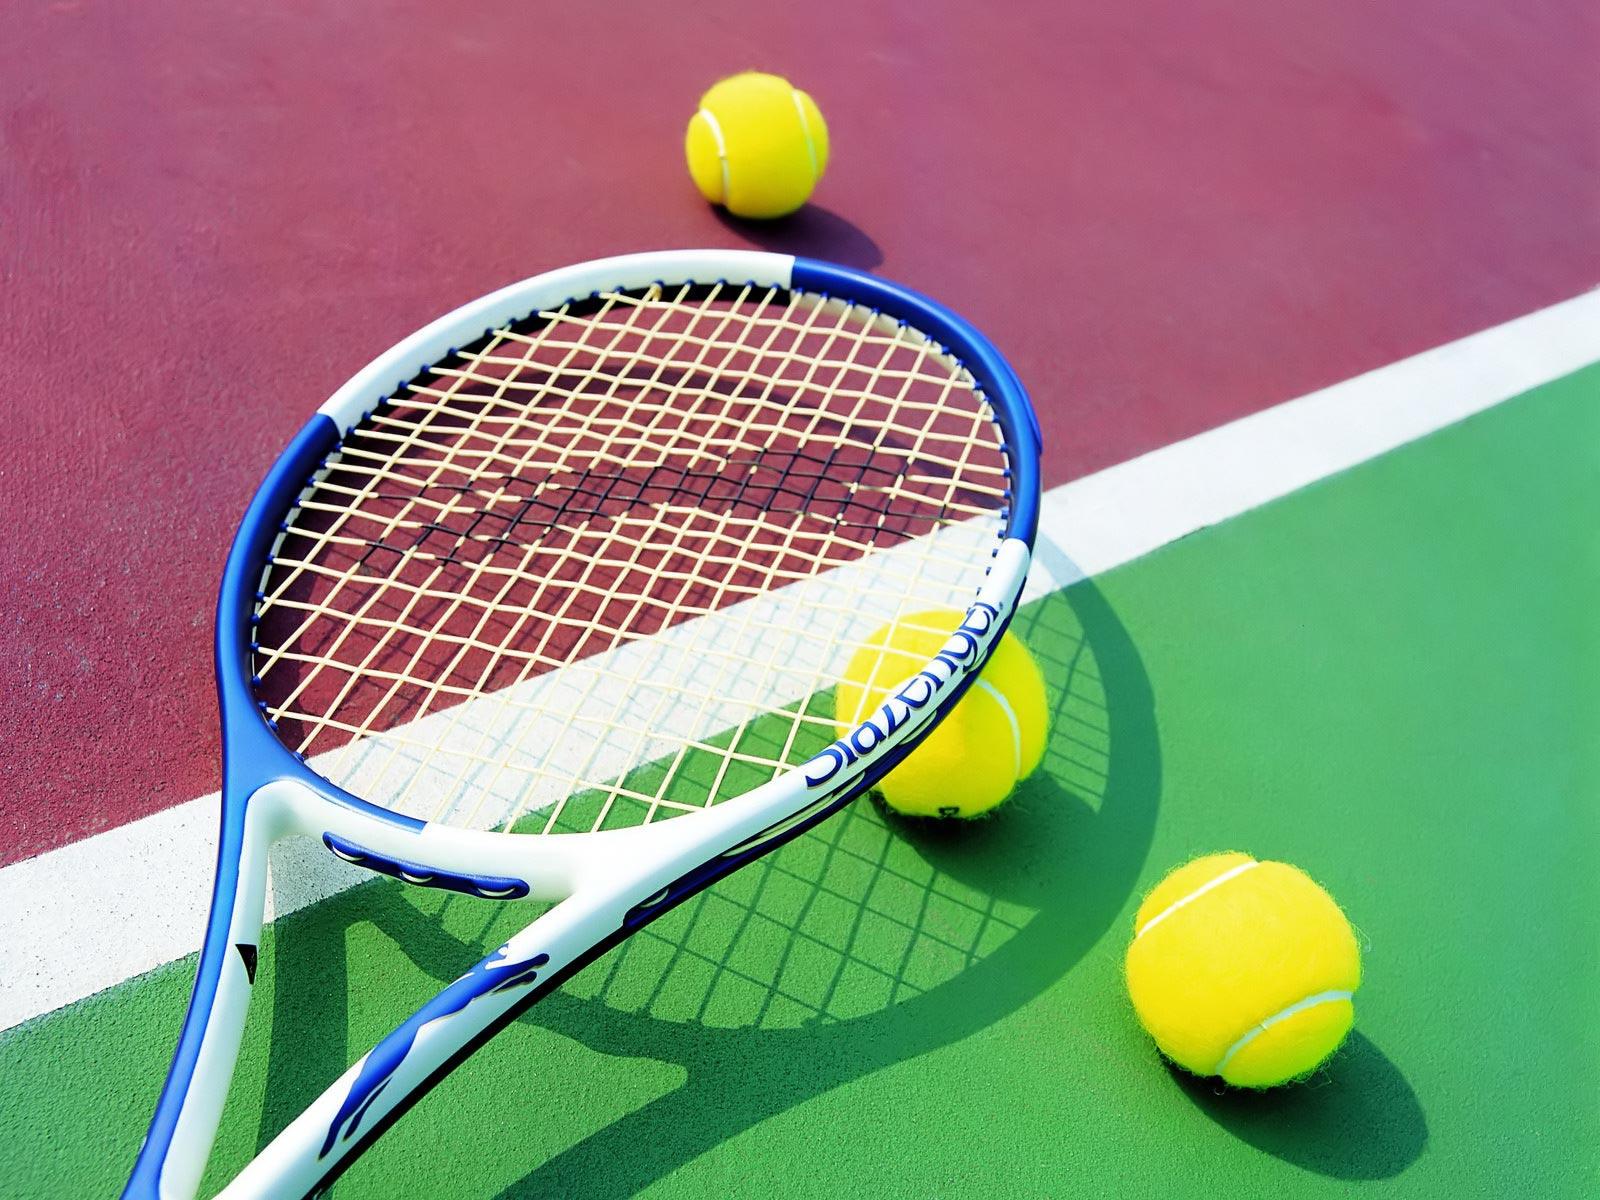 le tennis un sport en d clin aux tats unis voxstadium. Black Bedroom Furniture Sets. Home Design Ideas